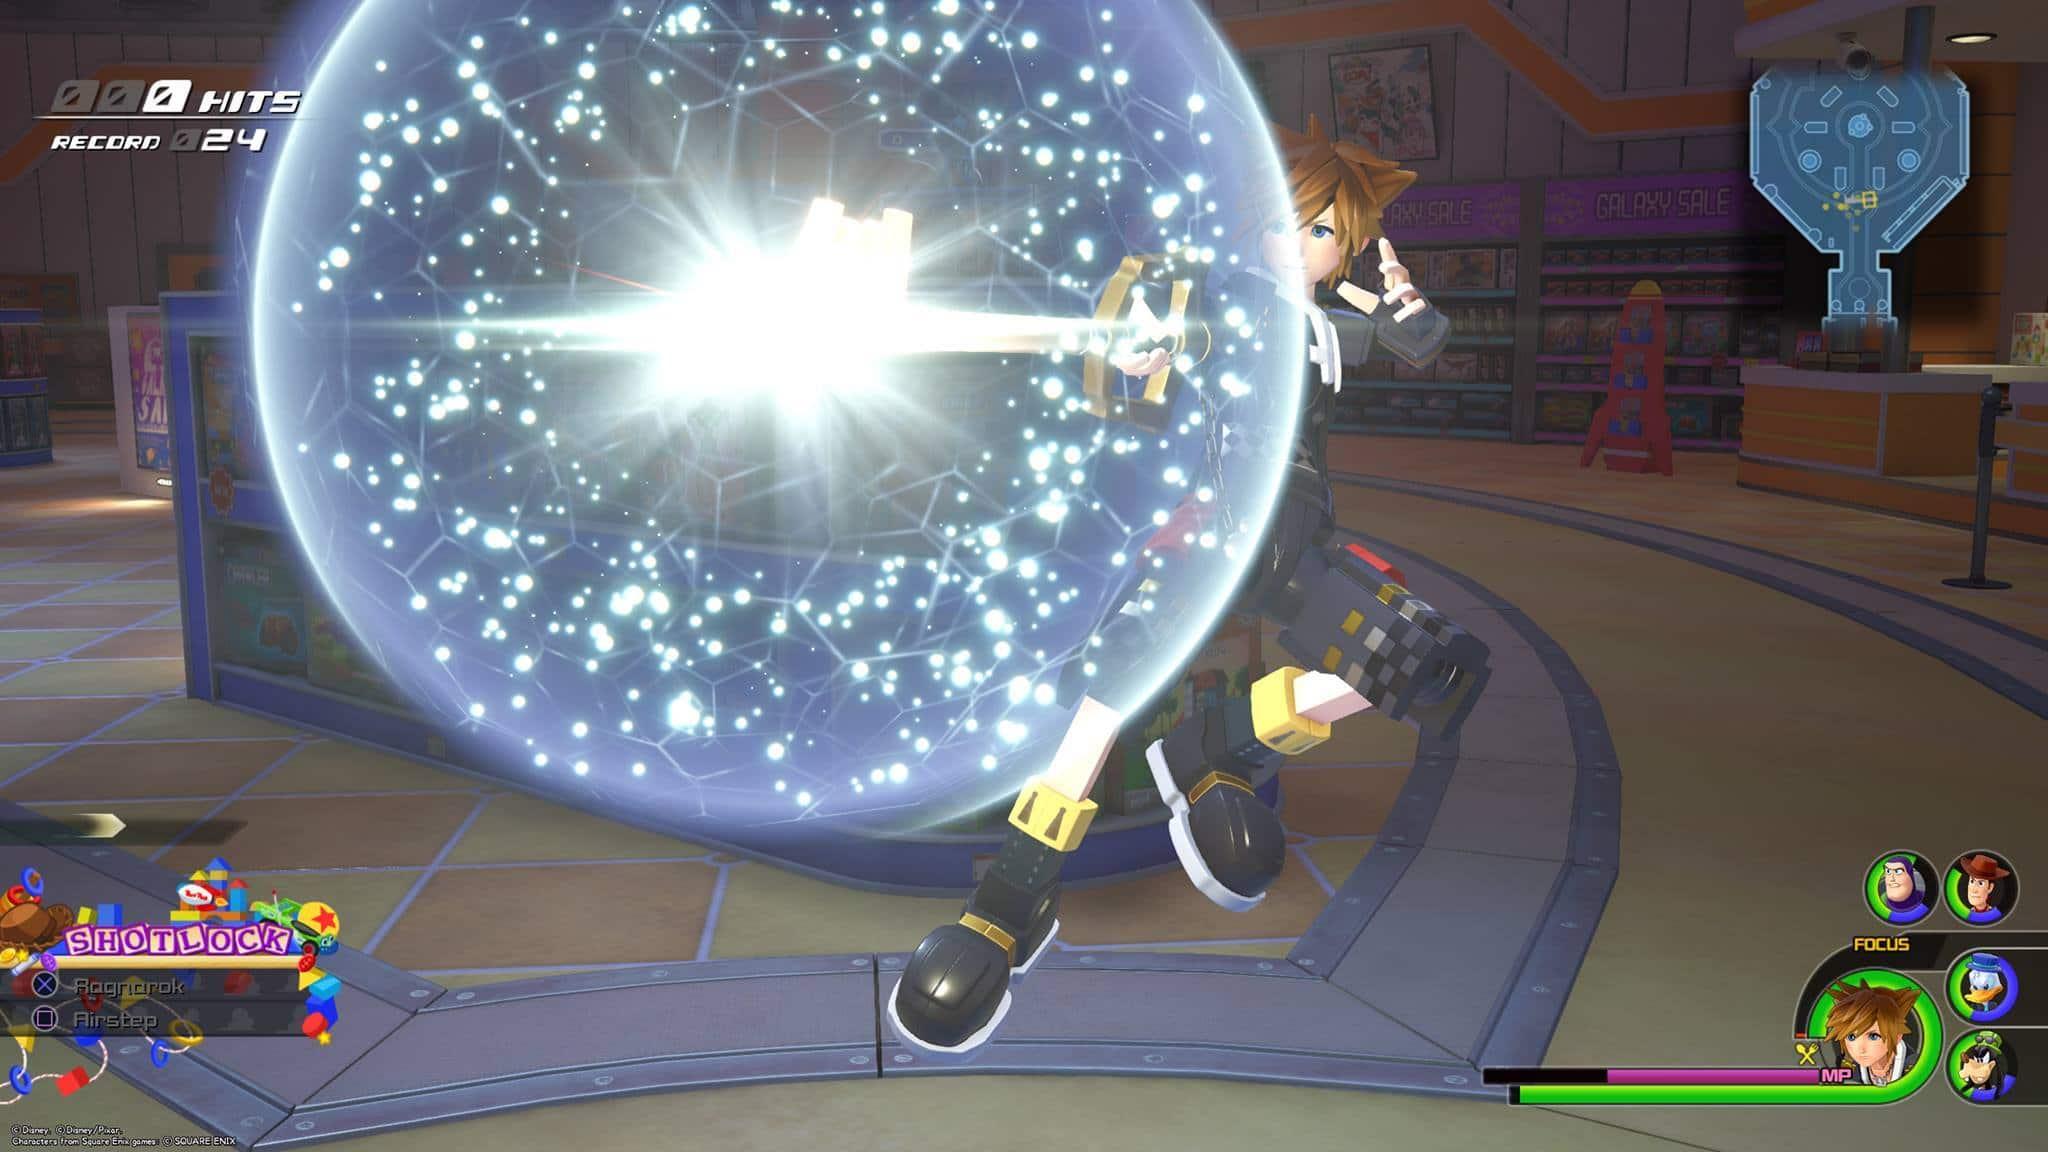 Les invocations de Kingdom Hearts 3